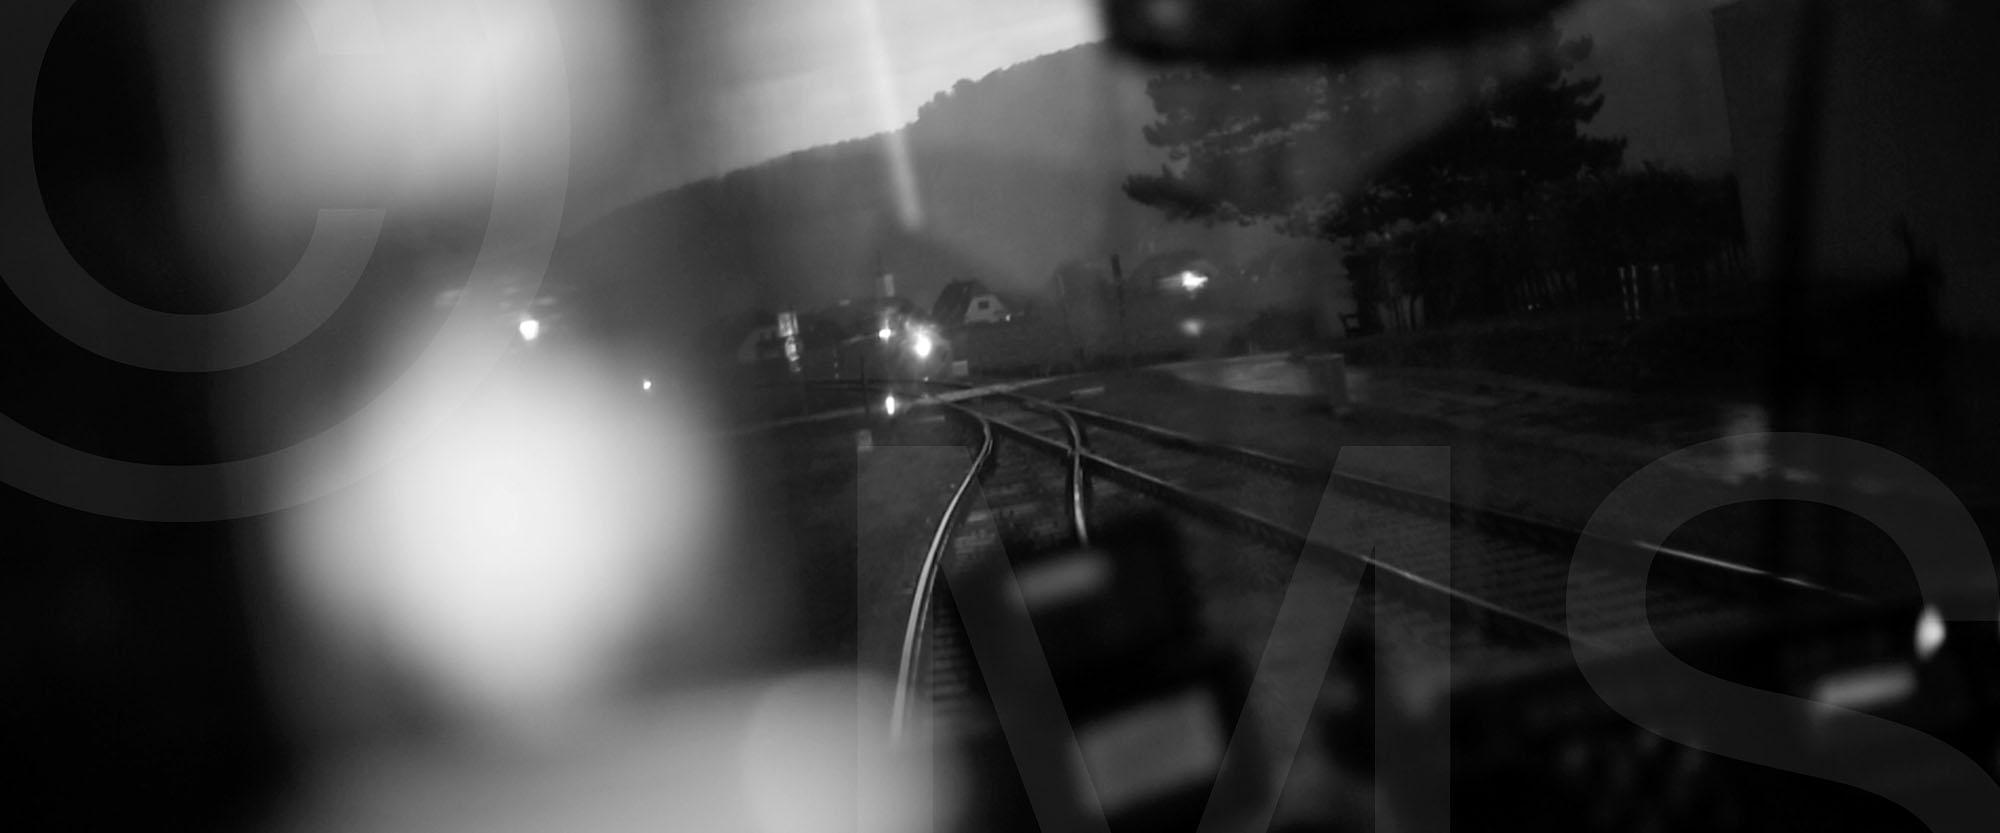 Raintrain 16